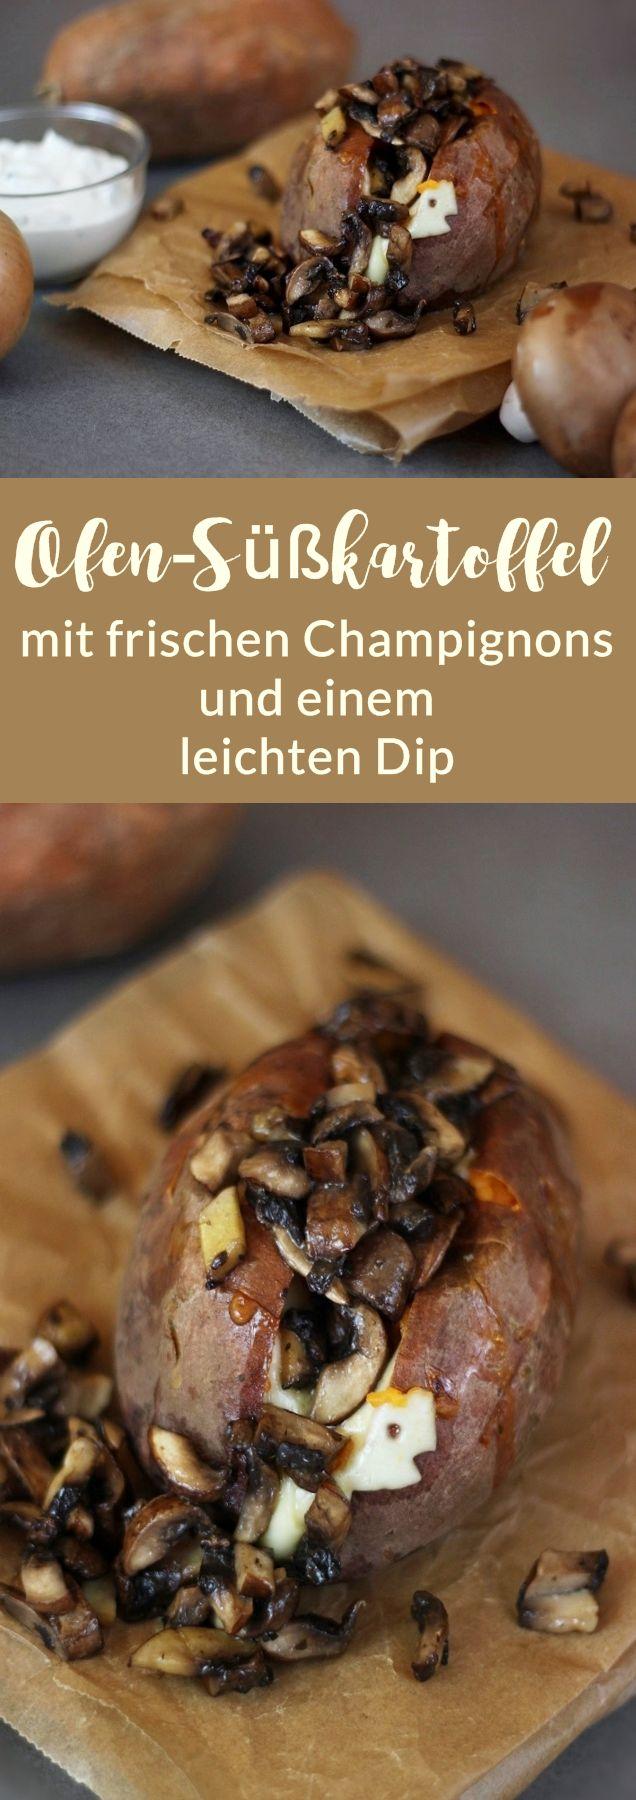 Rezept: Ofen-Süßkartoffel mit frischen Champignons und einem leichten Dip, bestehend aus griechischem Joghurt und Frühlingszwiebeln.  #rezept #süßkartoffel